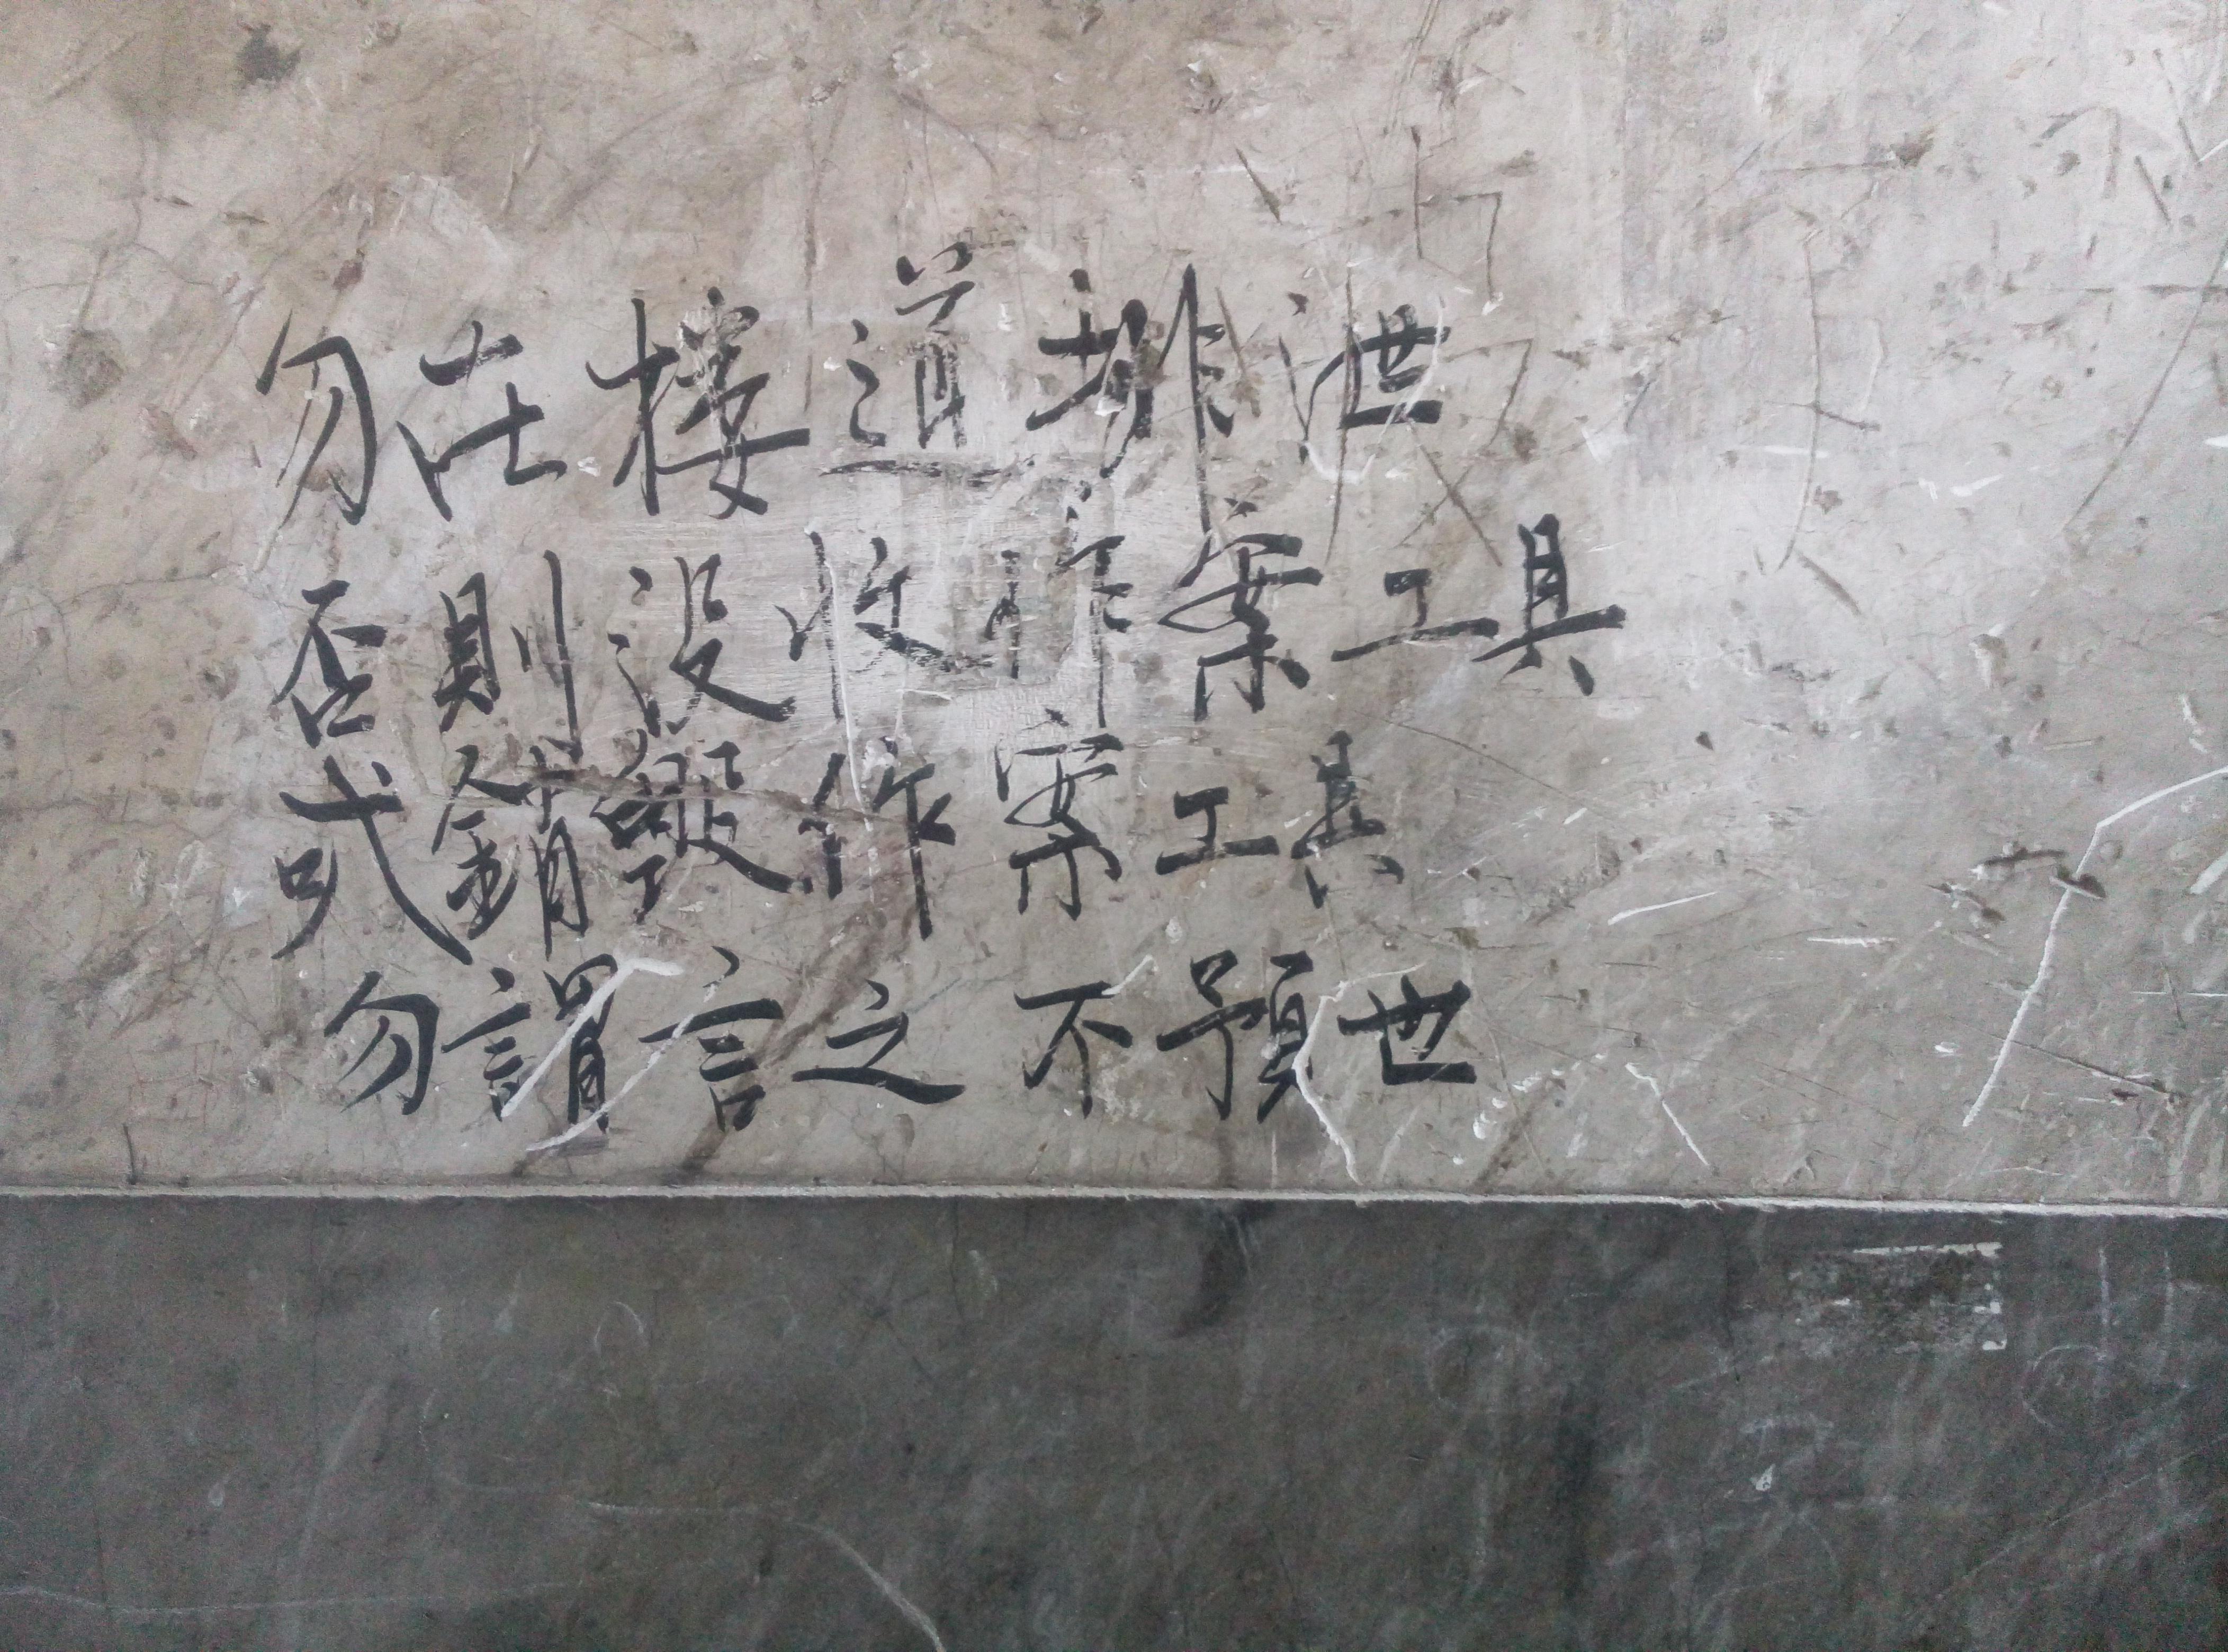 楼道墙面上写的禁止排泄的通知 (作者供图)